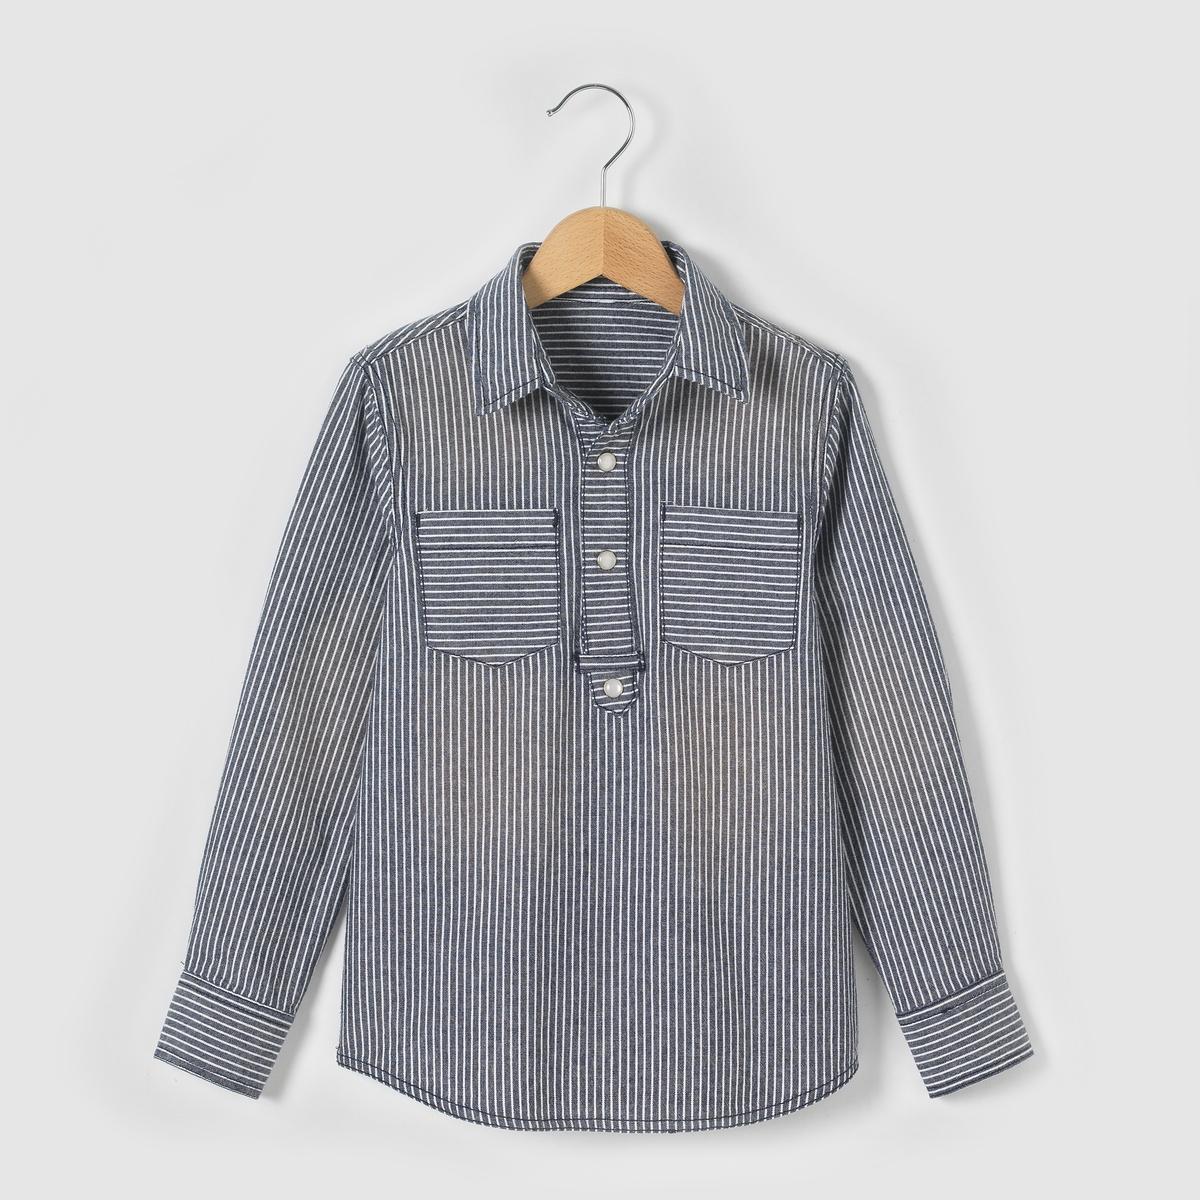 Рубашка в полоску в стиле матросской блузы,  3-12 летРубашка в полоску с длинными рукавами в стиле матросской блузы. Воротник и рукава с планкой застёжки на кнопки. 2 нагрудных кармана. Рисунок сзади. Состав и описание : Материал: Шамбре из 100% хлопкаУход :Машинная стирка при 30°C на умеренном режиме с одеждой подобных цветов.Стирать и гладить с изнаночной стороны.Машинная сушка на умеренном режиме.Гладить на средней температуре.<br><br>Цвет: в полоску синий/белый